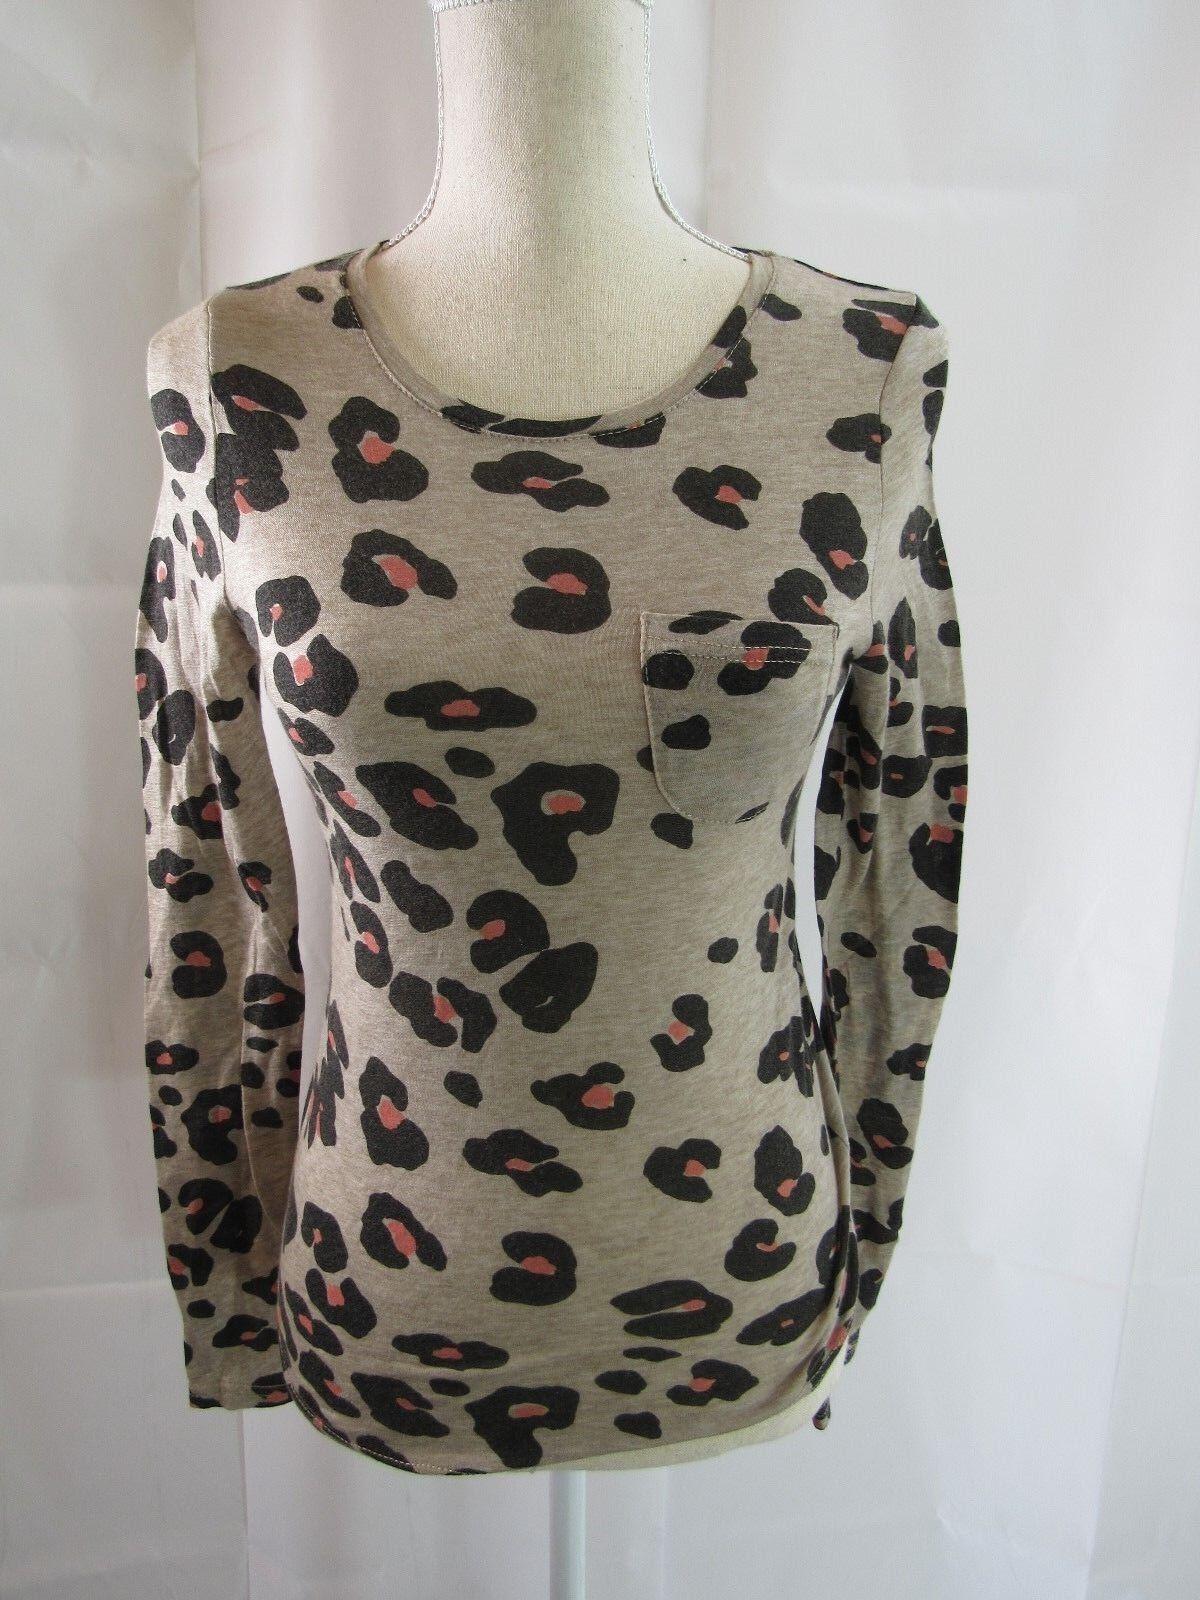 Sonia Rykiel braun Animal Print Long Sleeve Top Größe M